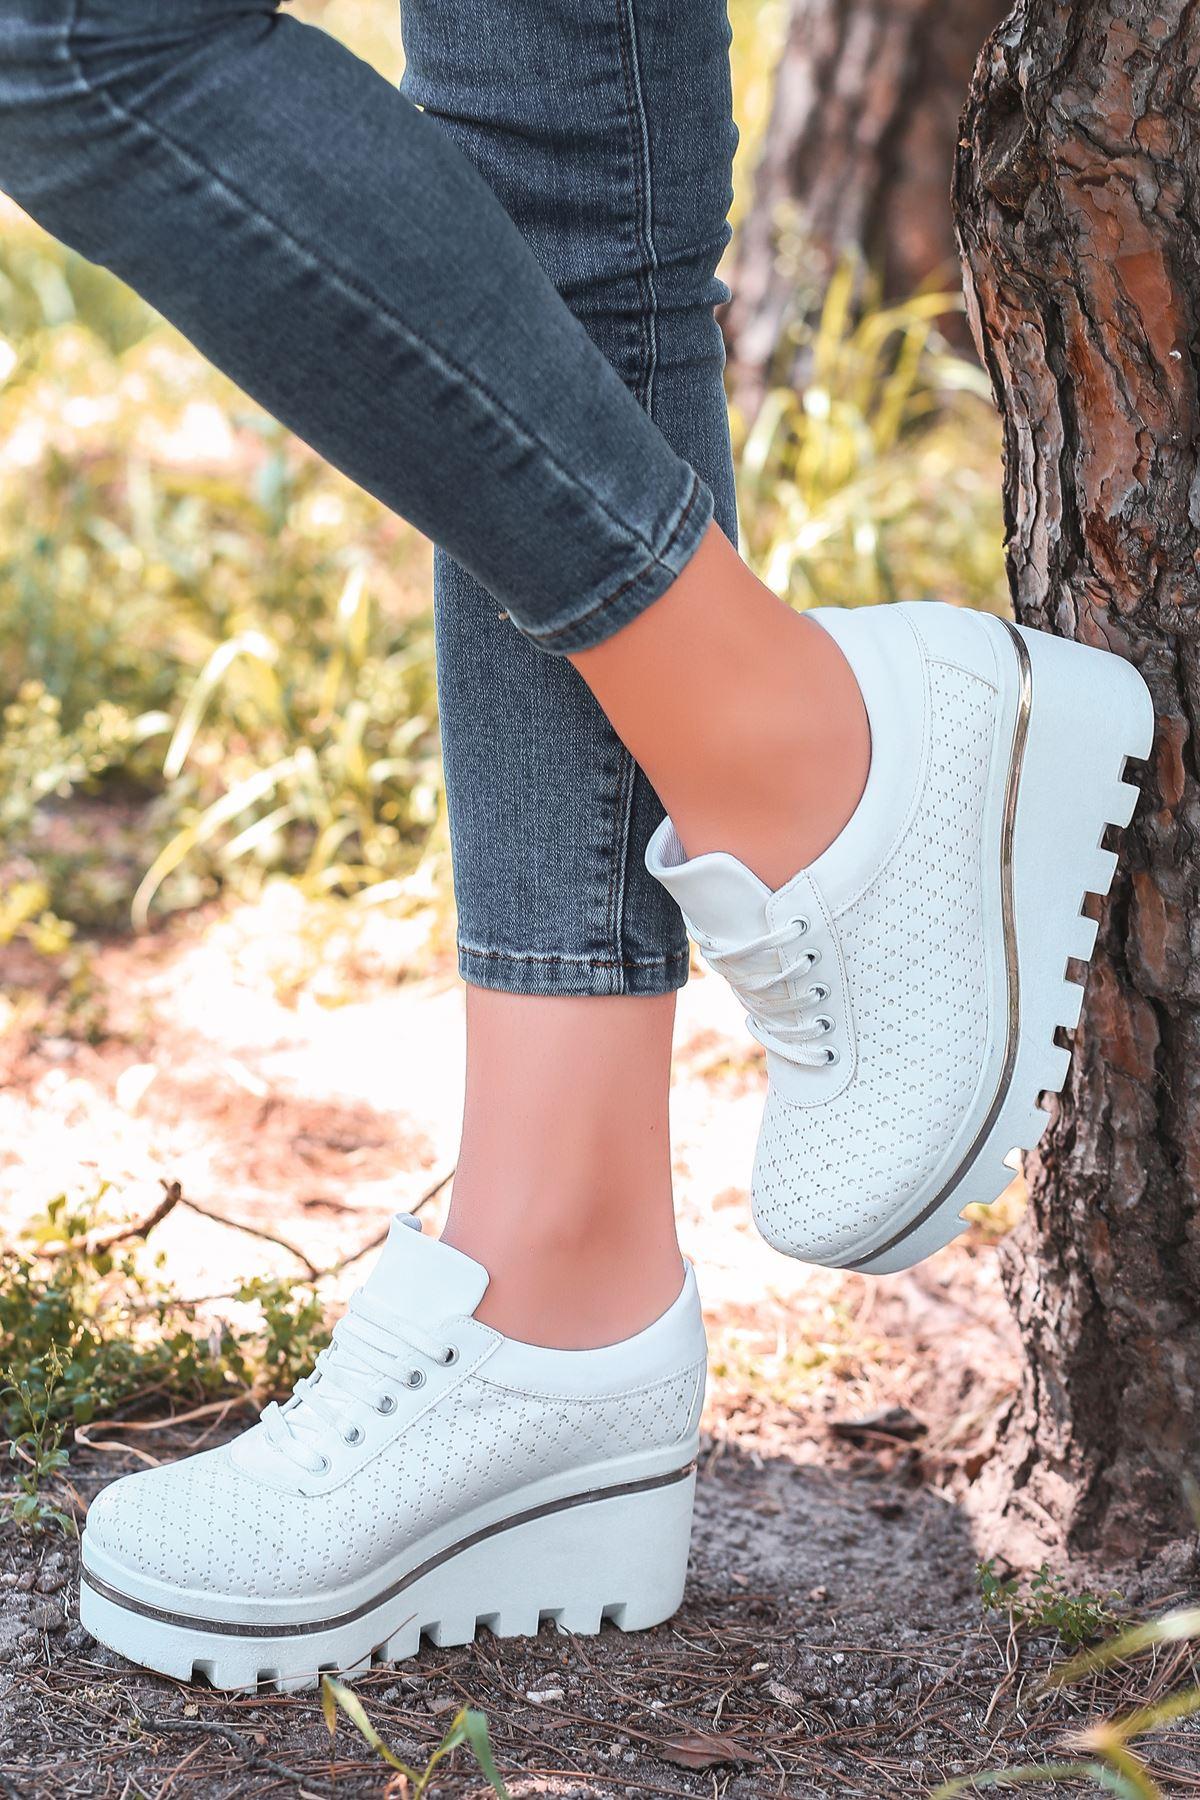 Jessie Mat Deri Bağcık Detay Lazer Kesim Dolgu Topuk Ayakkabı Beyaz